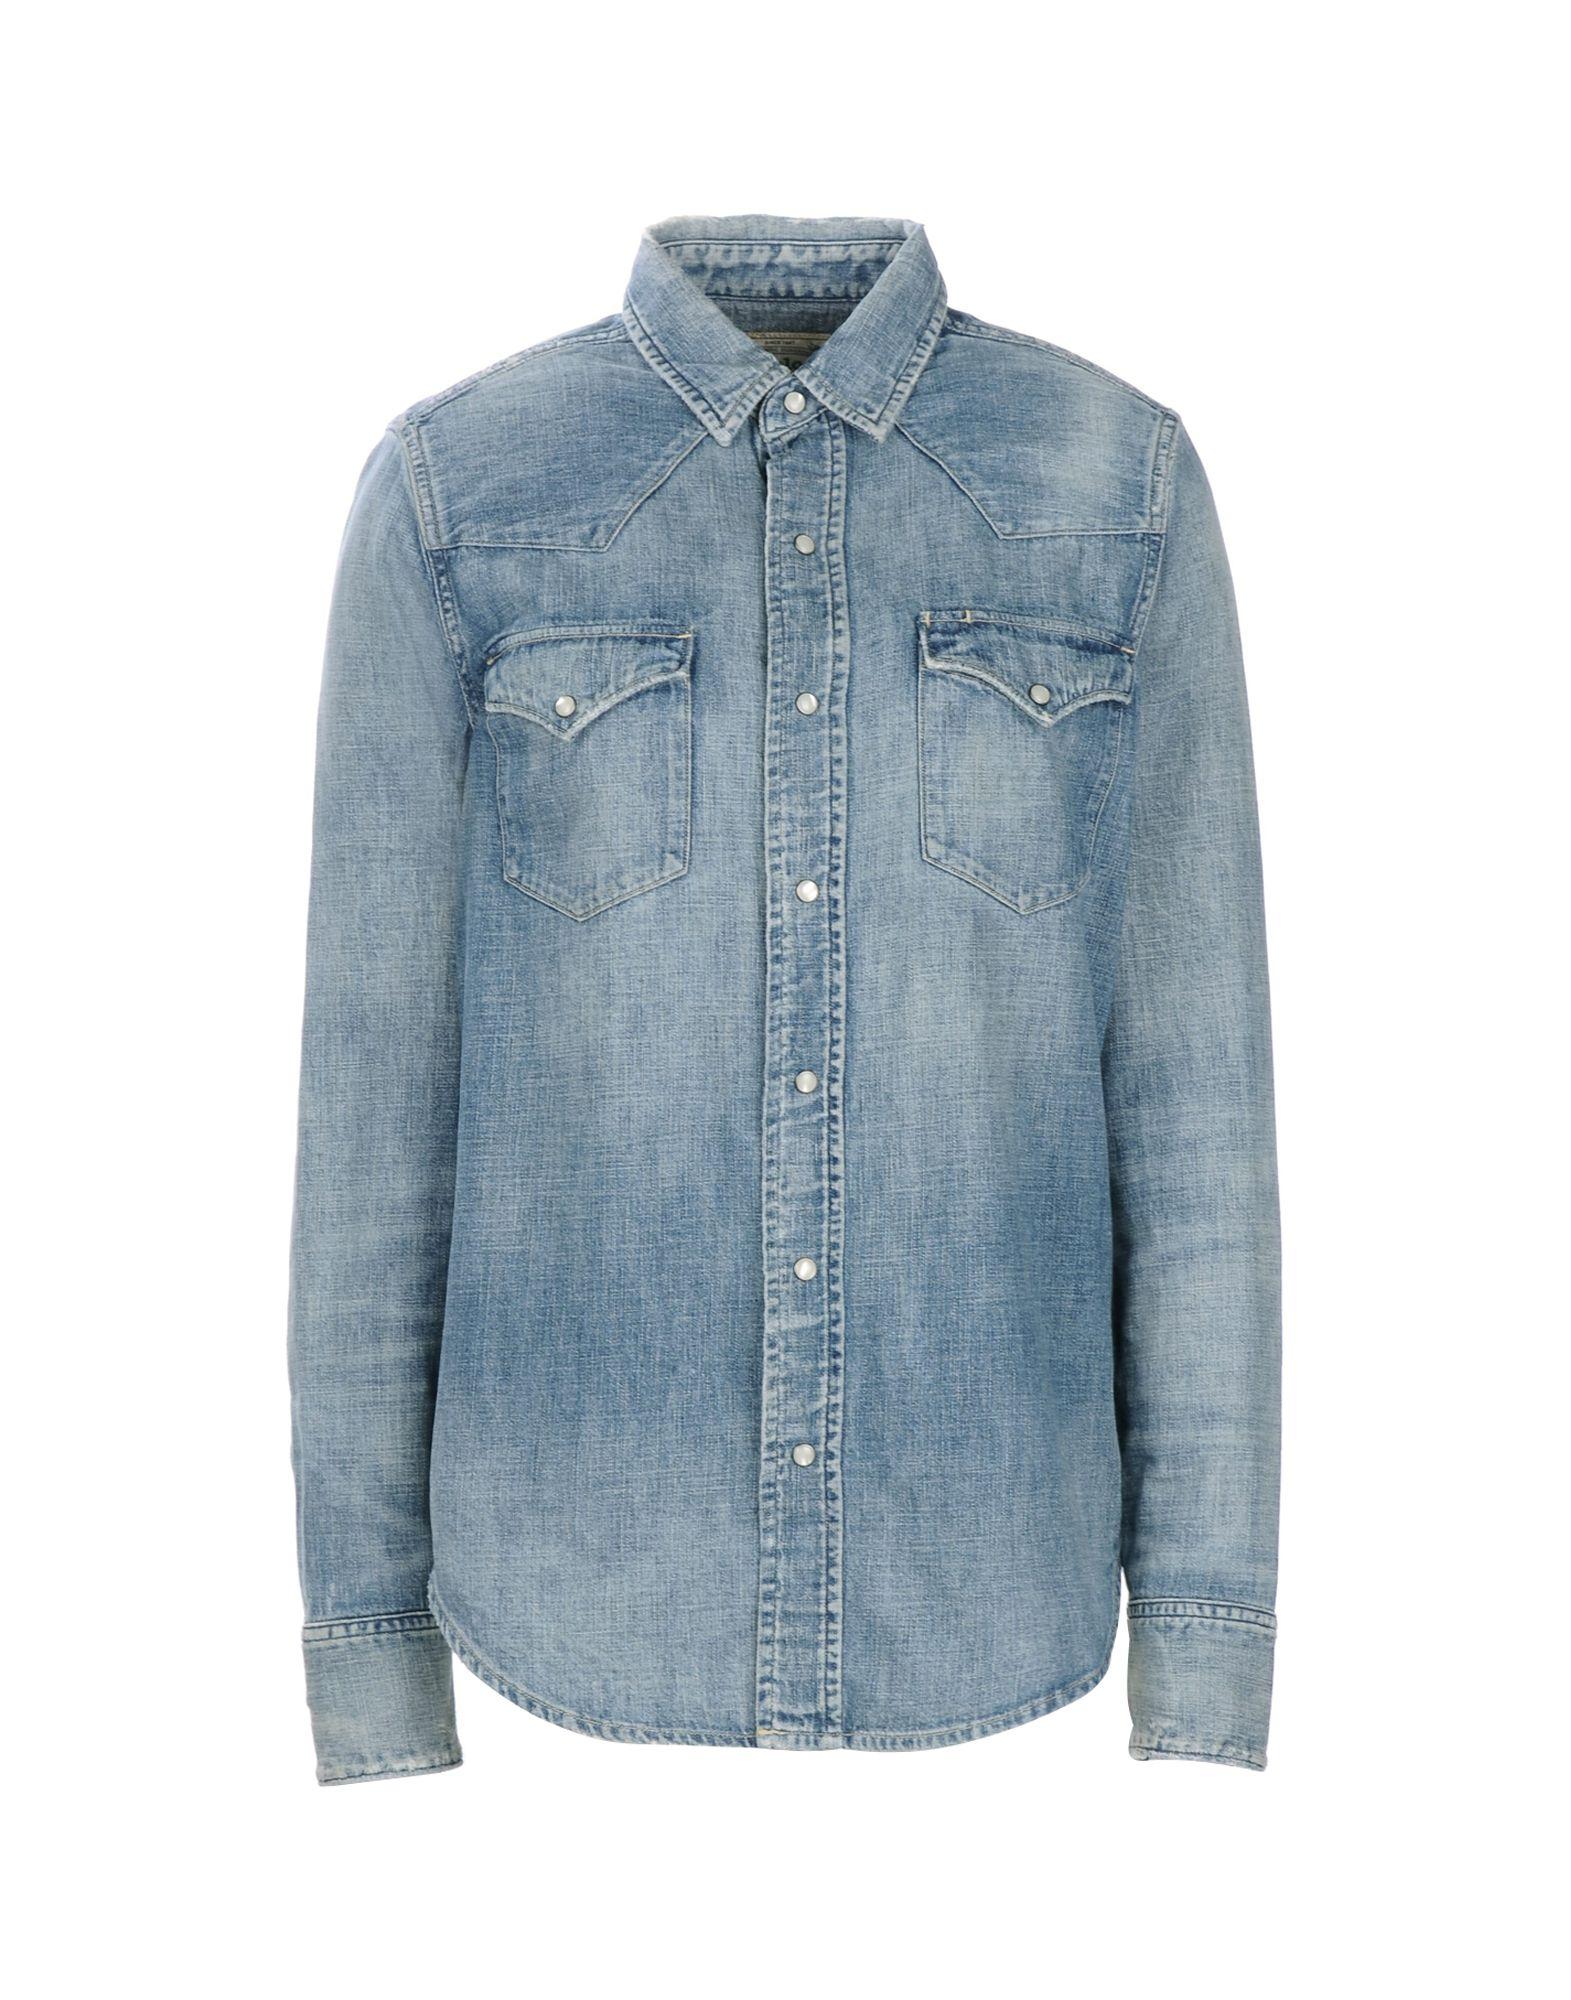 Camicia Jeans Polo Ralph Lauren Denim Western Shirt - Donna - Acquista online su uEJzY9